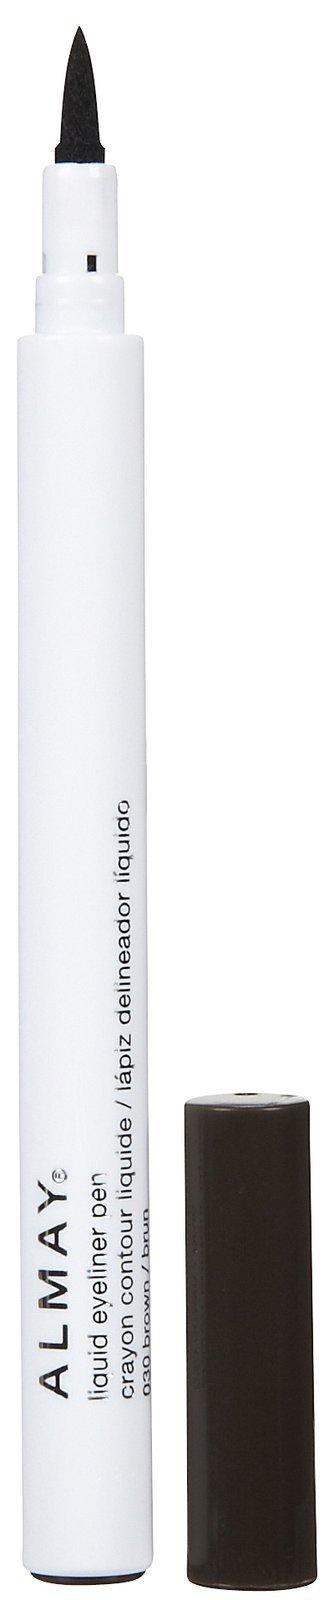 Almay Liquid Eyeliner Pen, Black, 0.056 Ounce